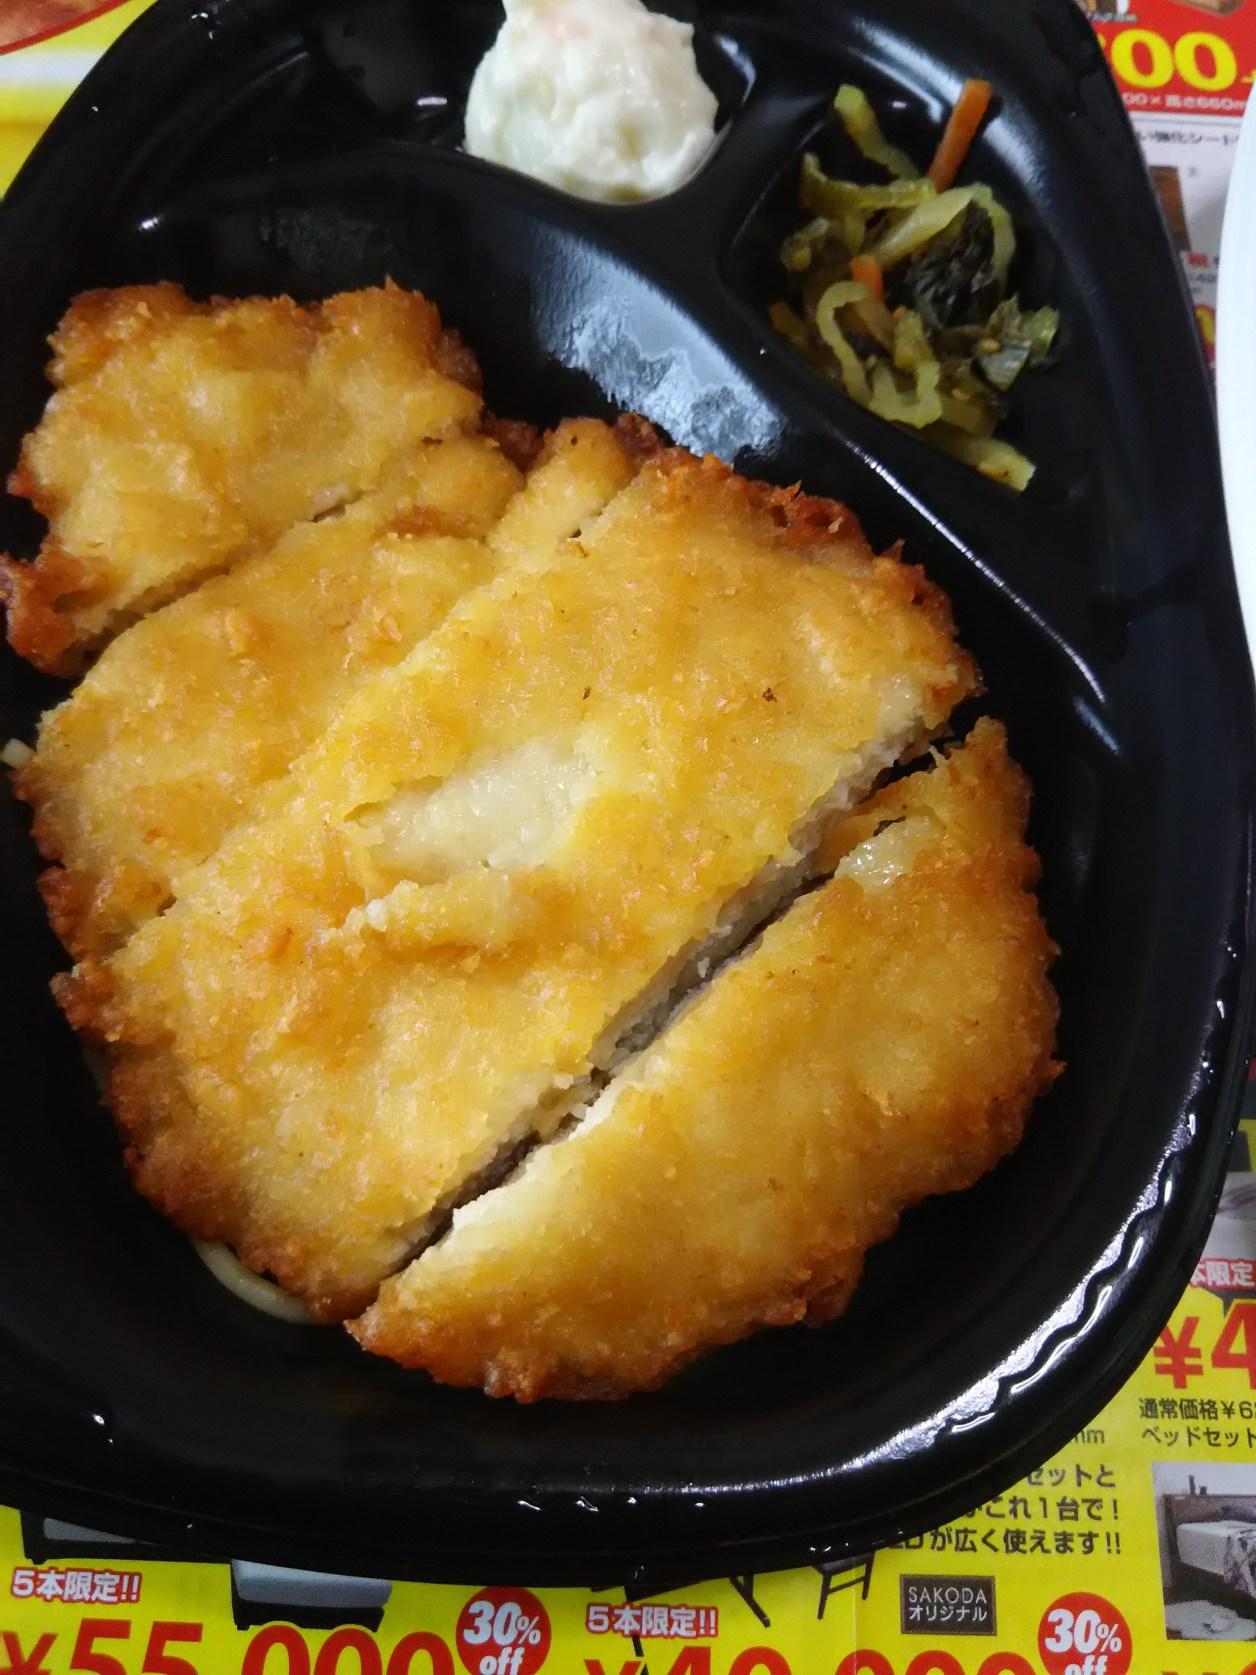 チキン南蛮弁当の全体画像